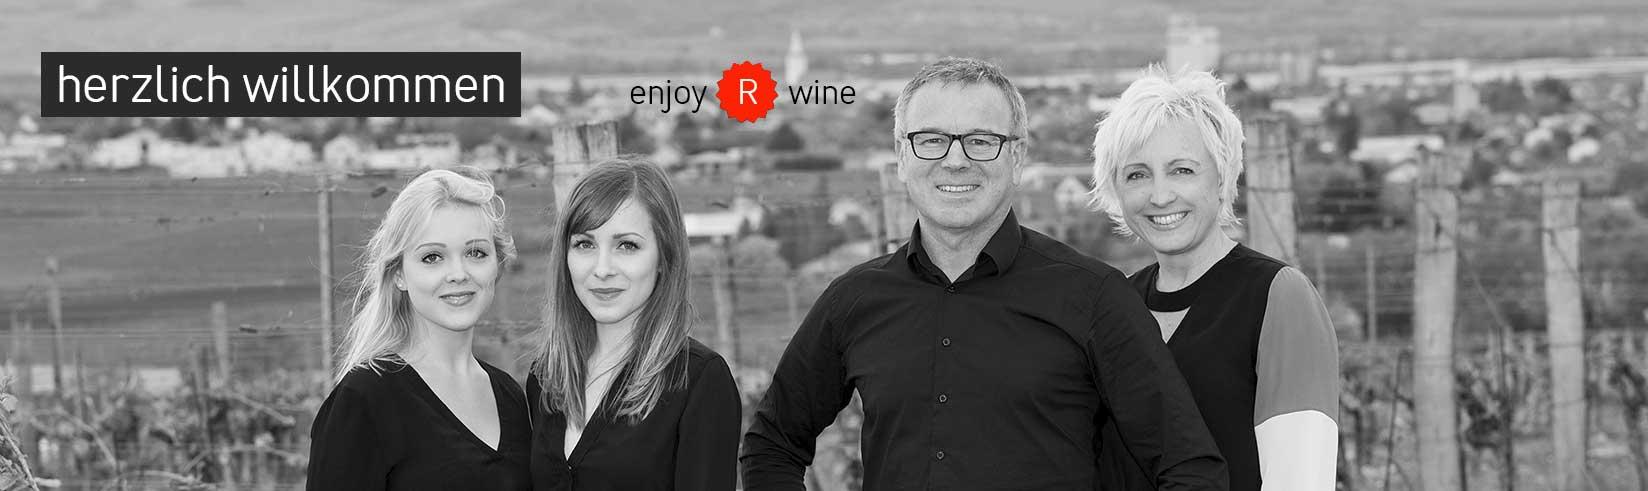 Willkommen im Weingut Reumann!